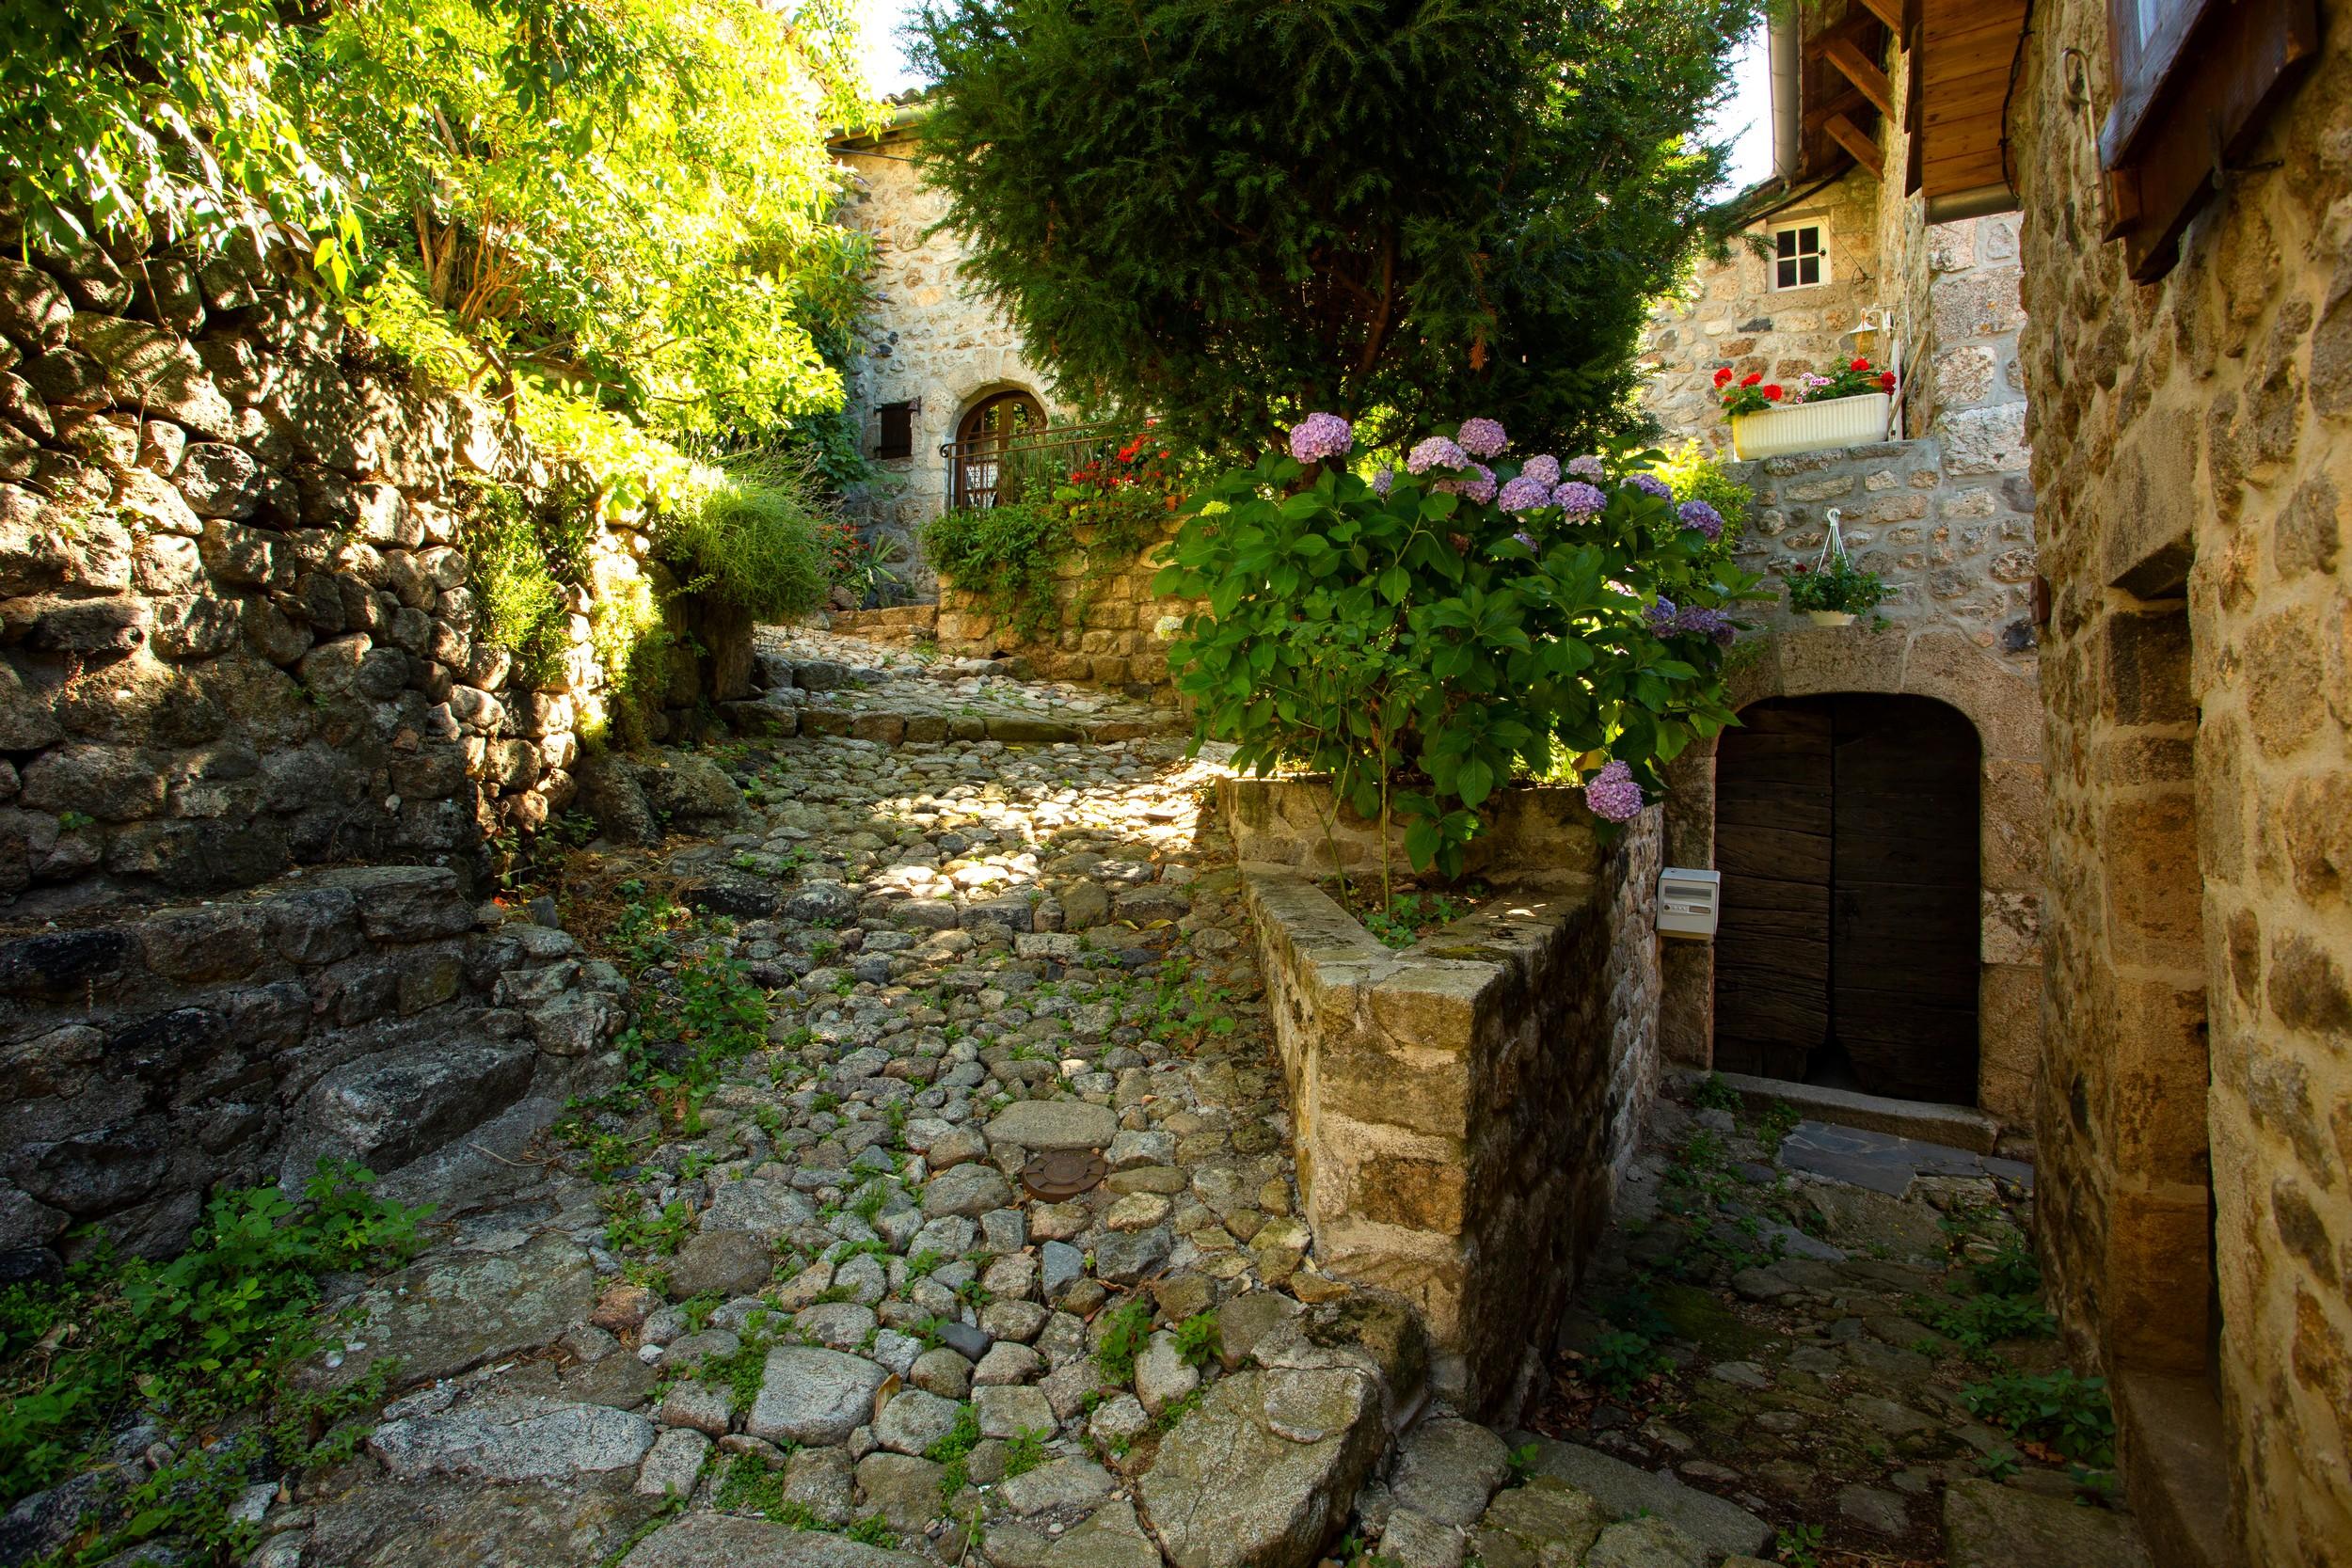 Burzet - Gîte et ruelle pavée du quartier médiéval ©S.BUGNON